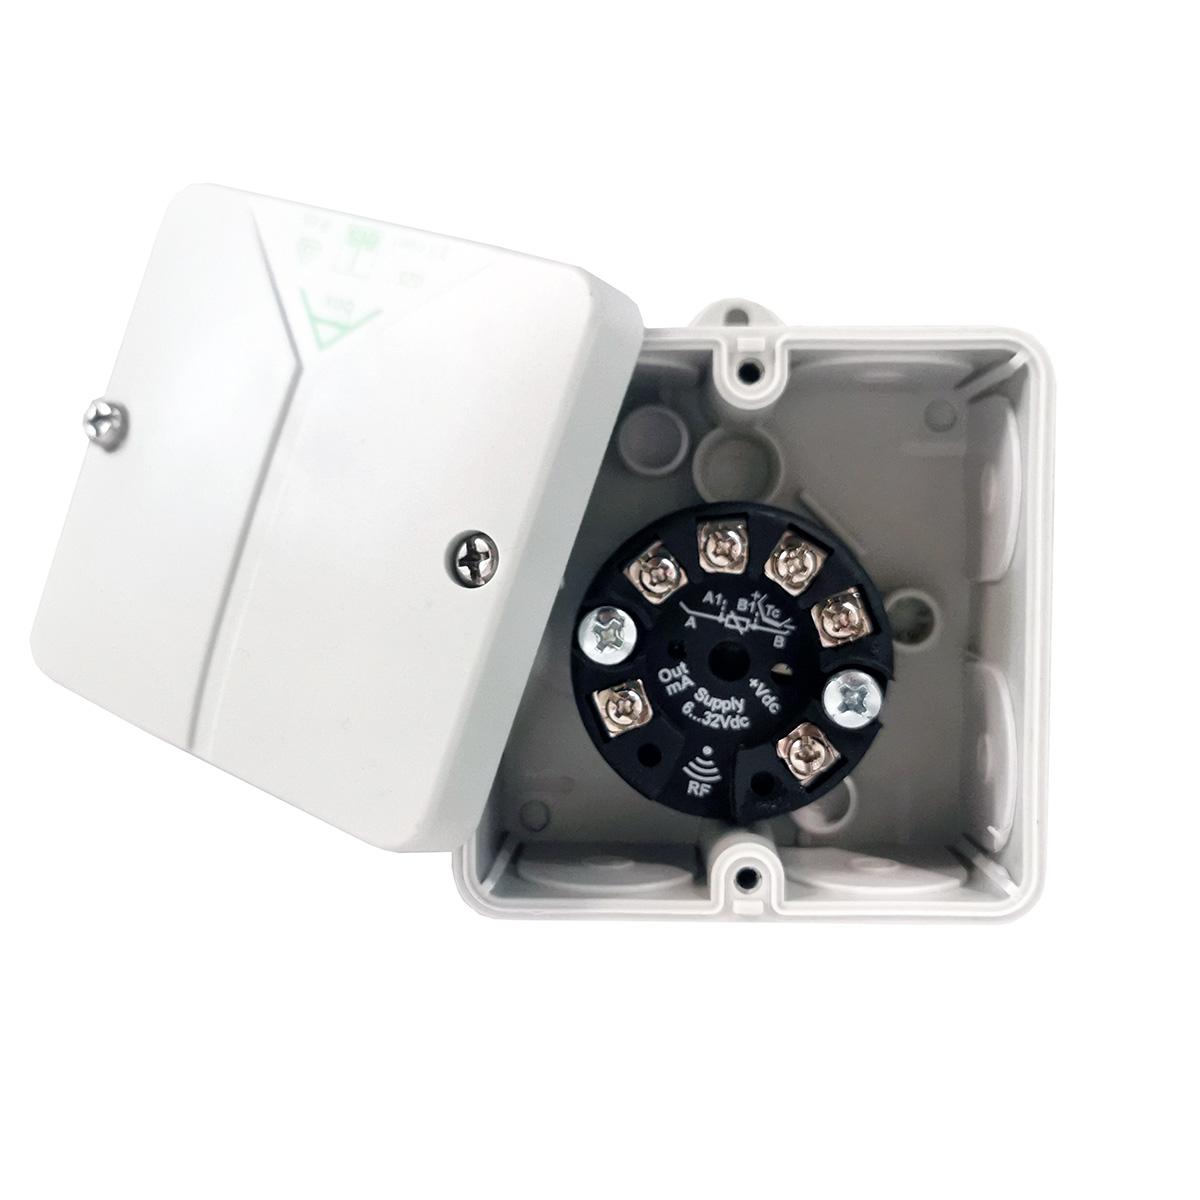 caja-estanca-IP-65_2